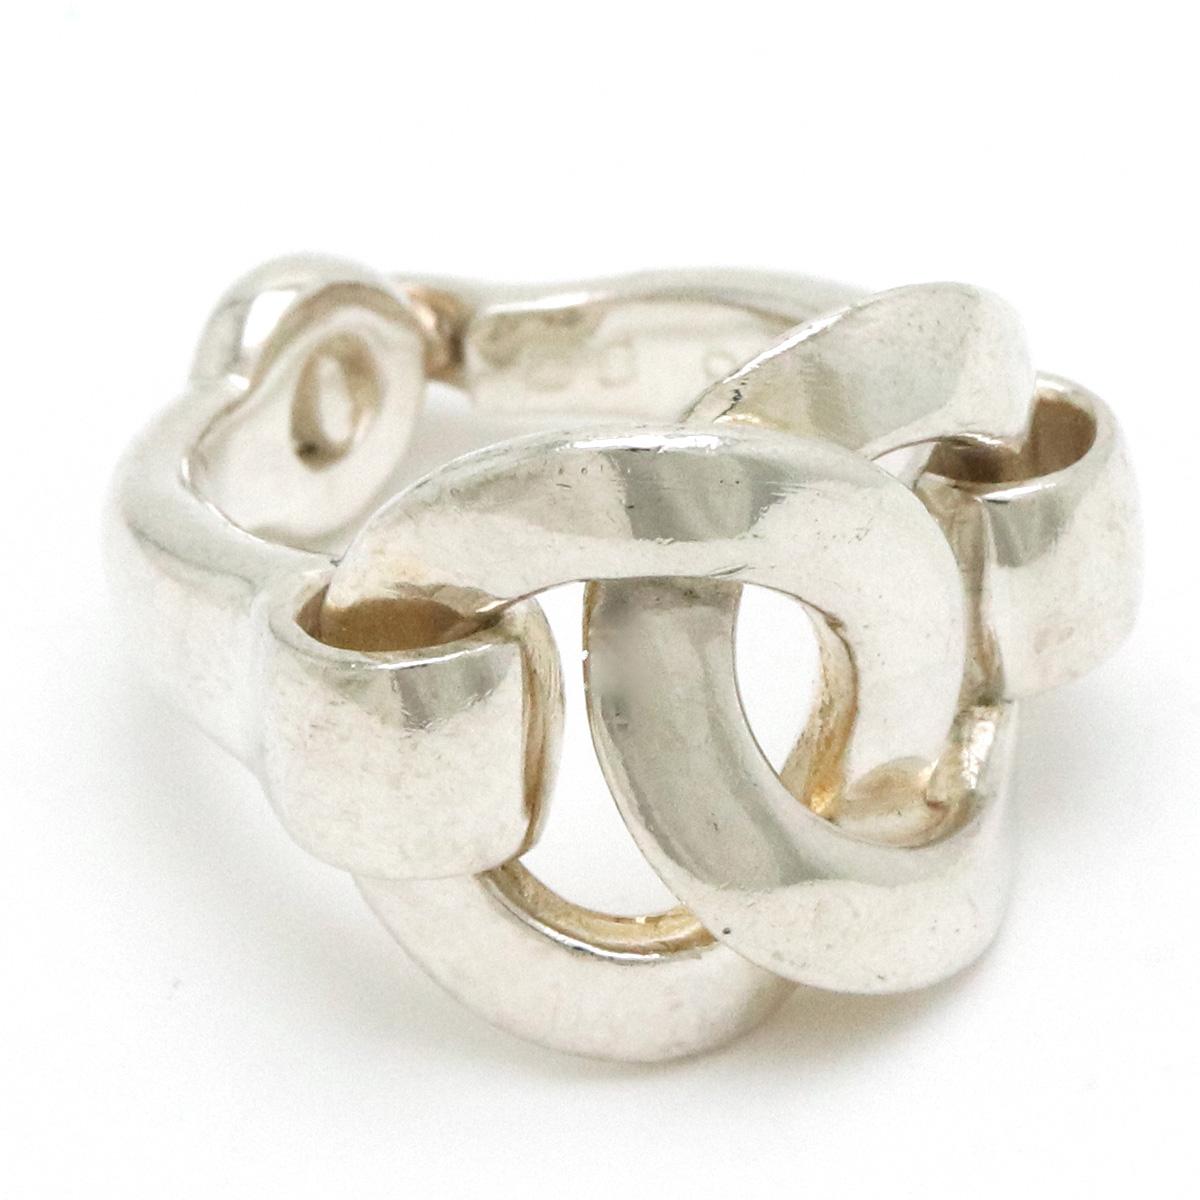 【ジュエリー】HERMES エルメス リング 指輪 10号 #50 SV925 シルバー 【中古】